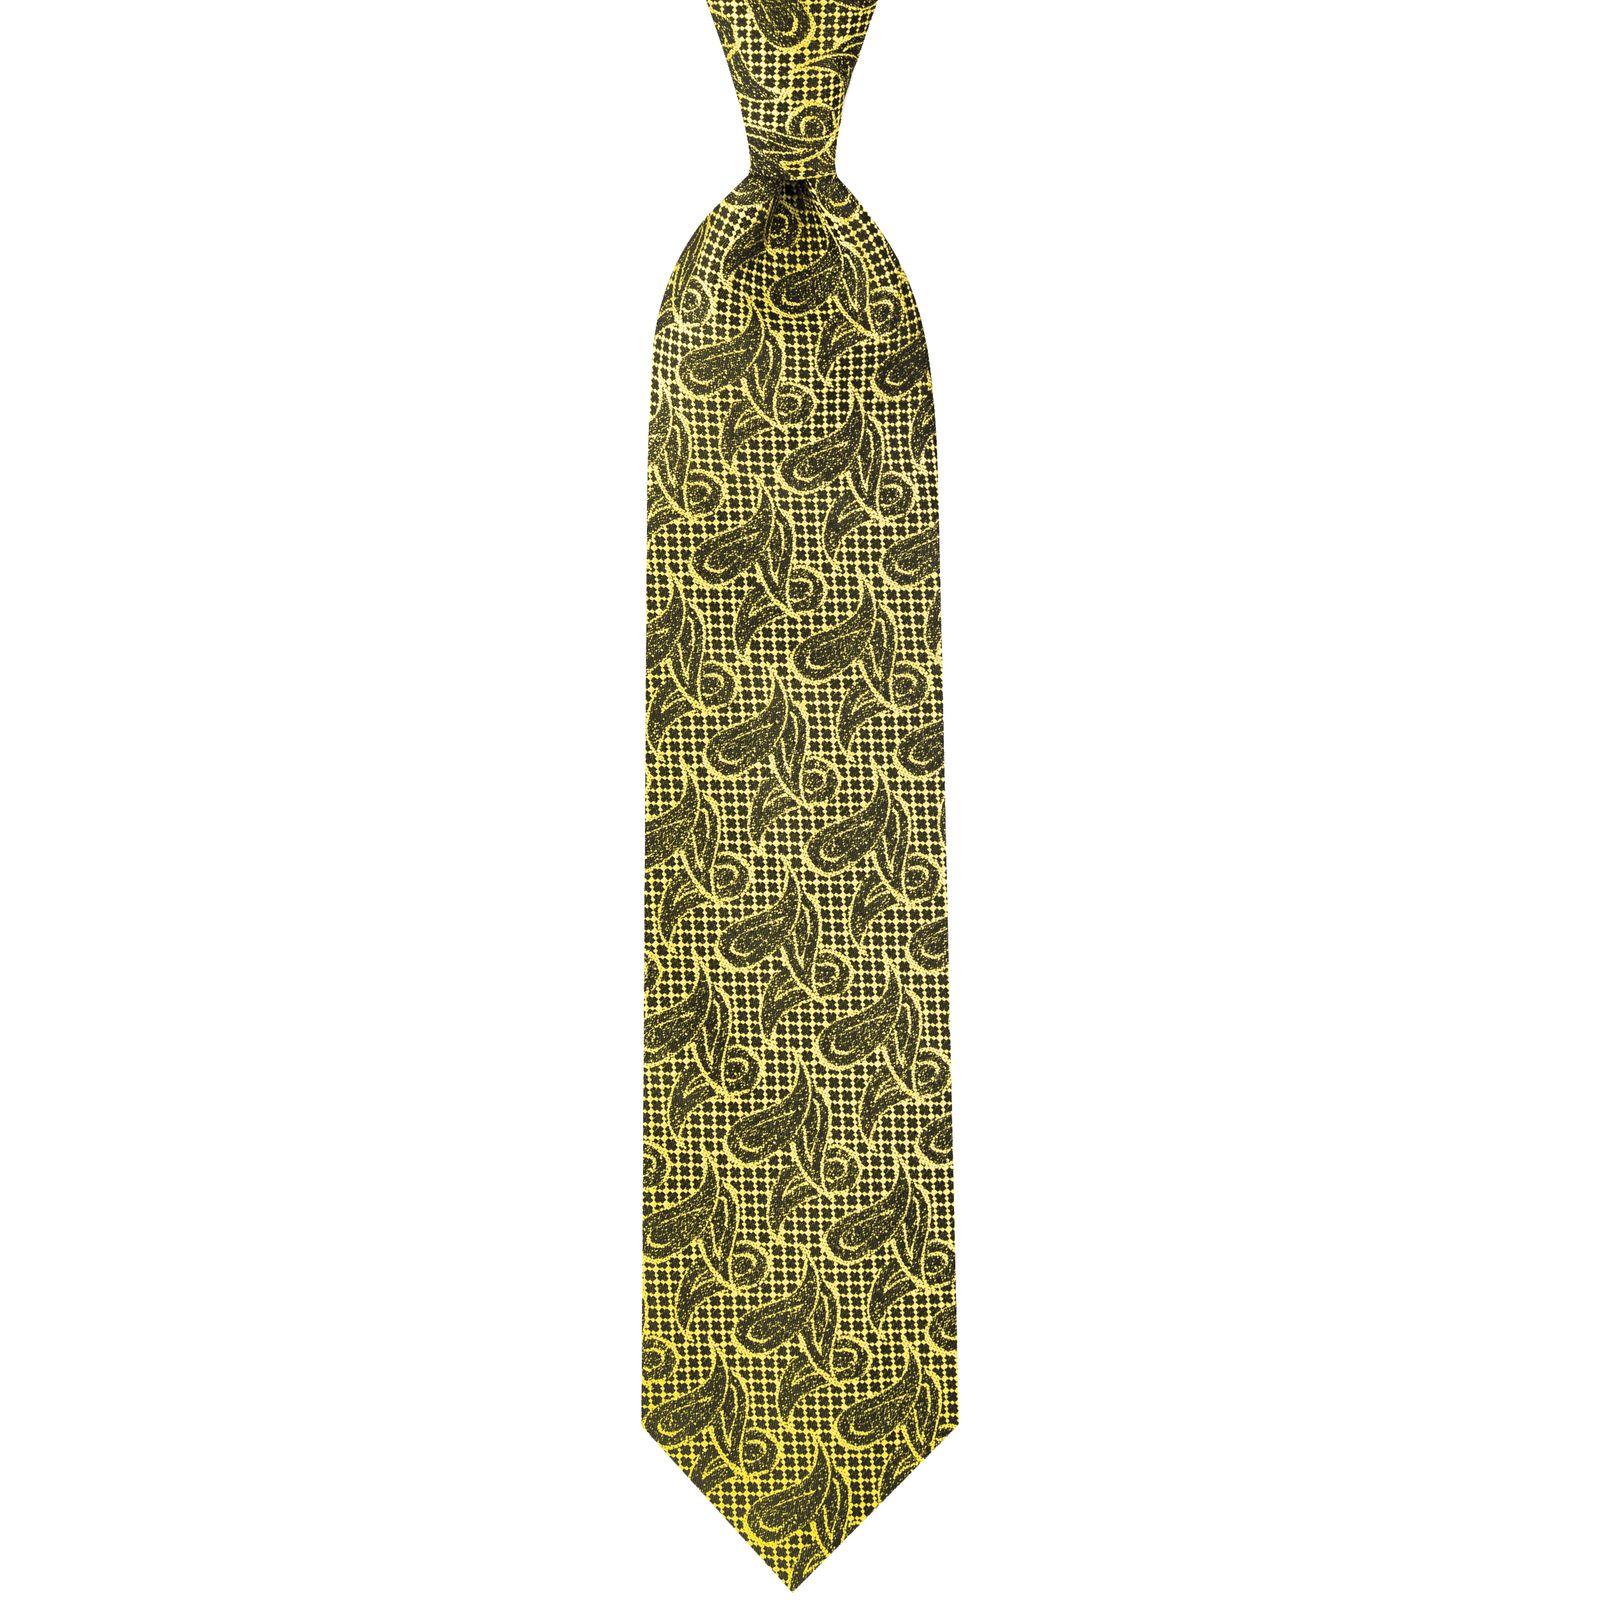 ست کراوات و دستمال جیب و گل کت مردانه جیان فرانکو روسی مدل GF-PA928-GO -  - 4